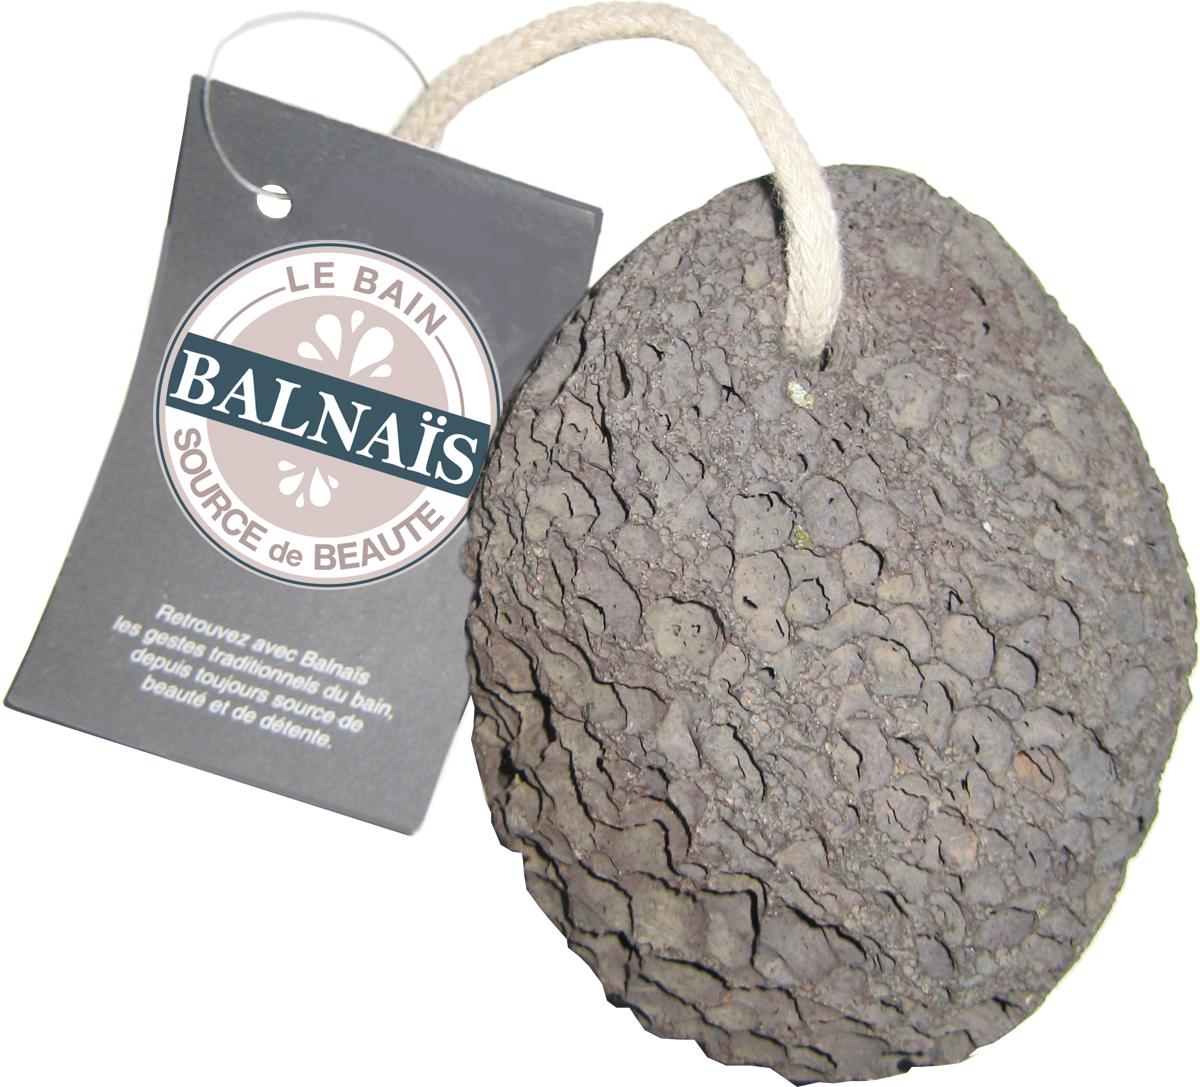 Balnais Пемза из вулканической лавыSC-FM20101Пемза из натуральной вулканической лавы идеально подходит для удаления огрубевшей кожи ног